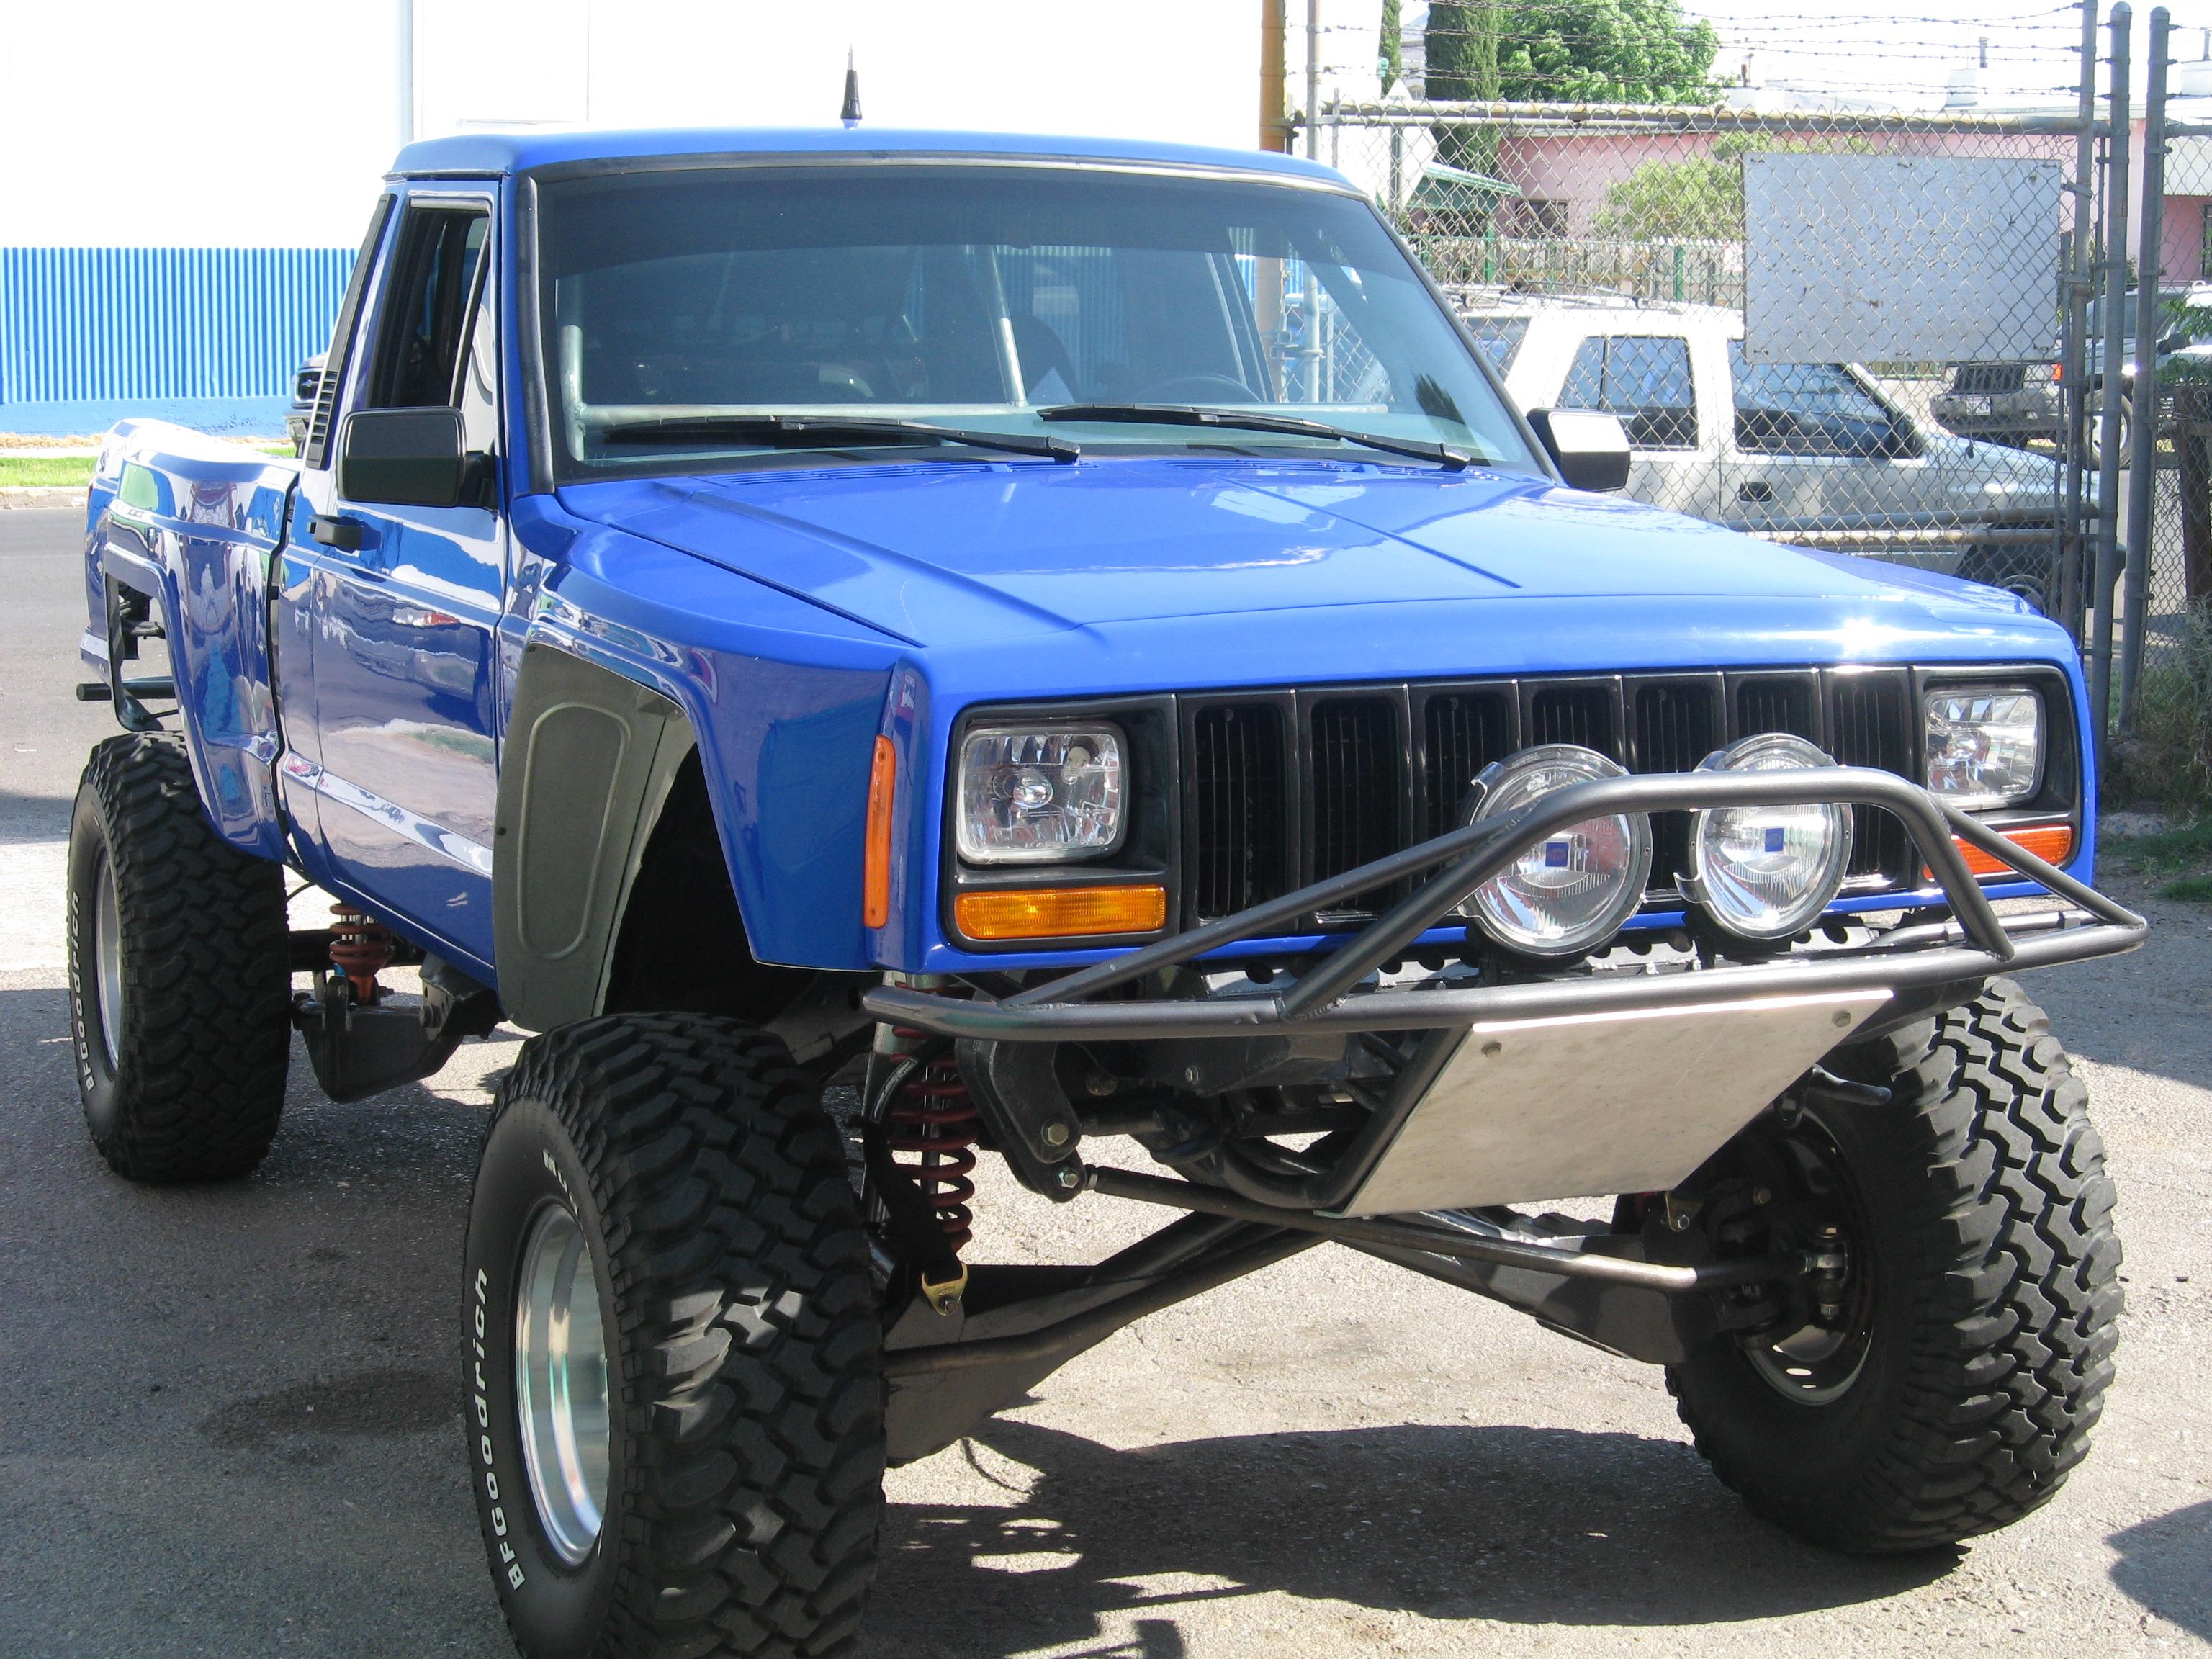 Jeep Comanche Photos 3 On Better Parts Ltd